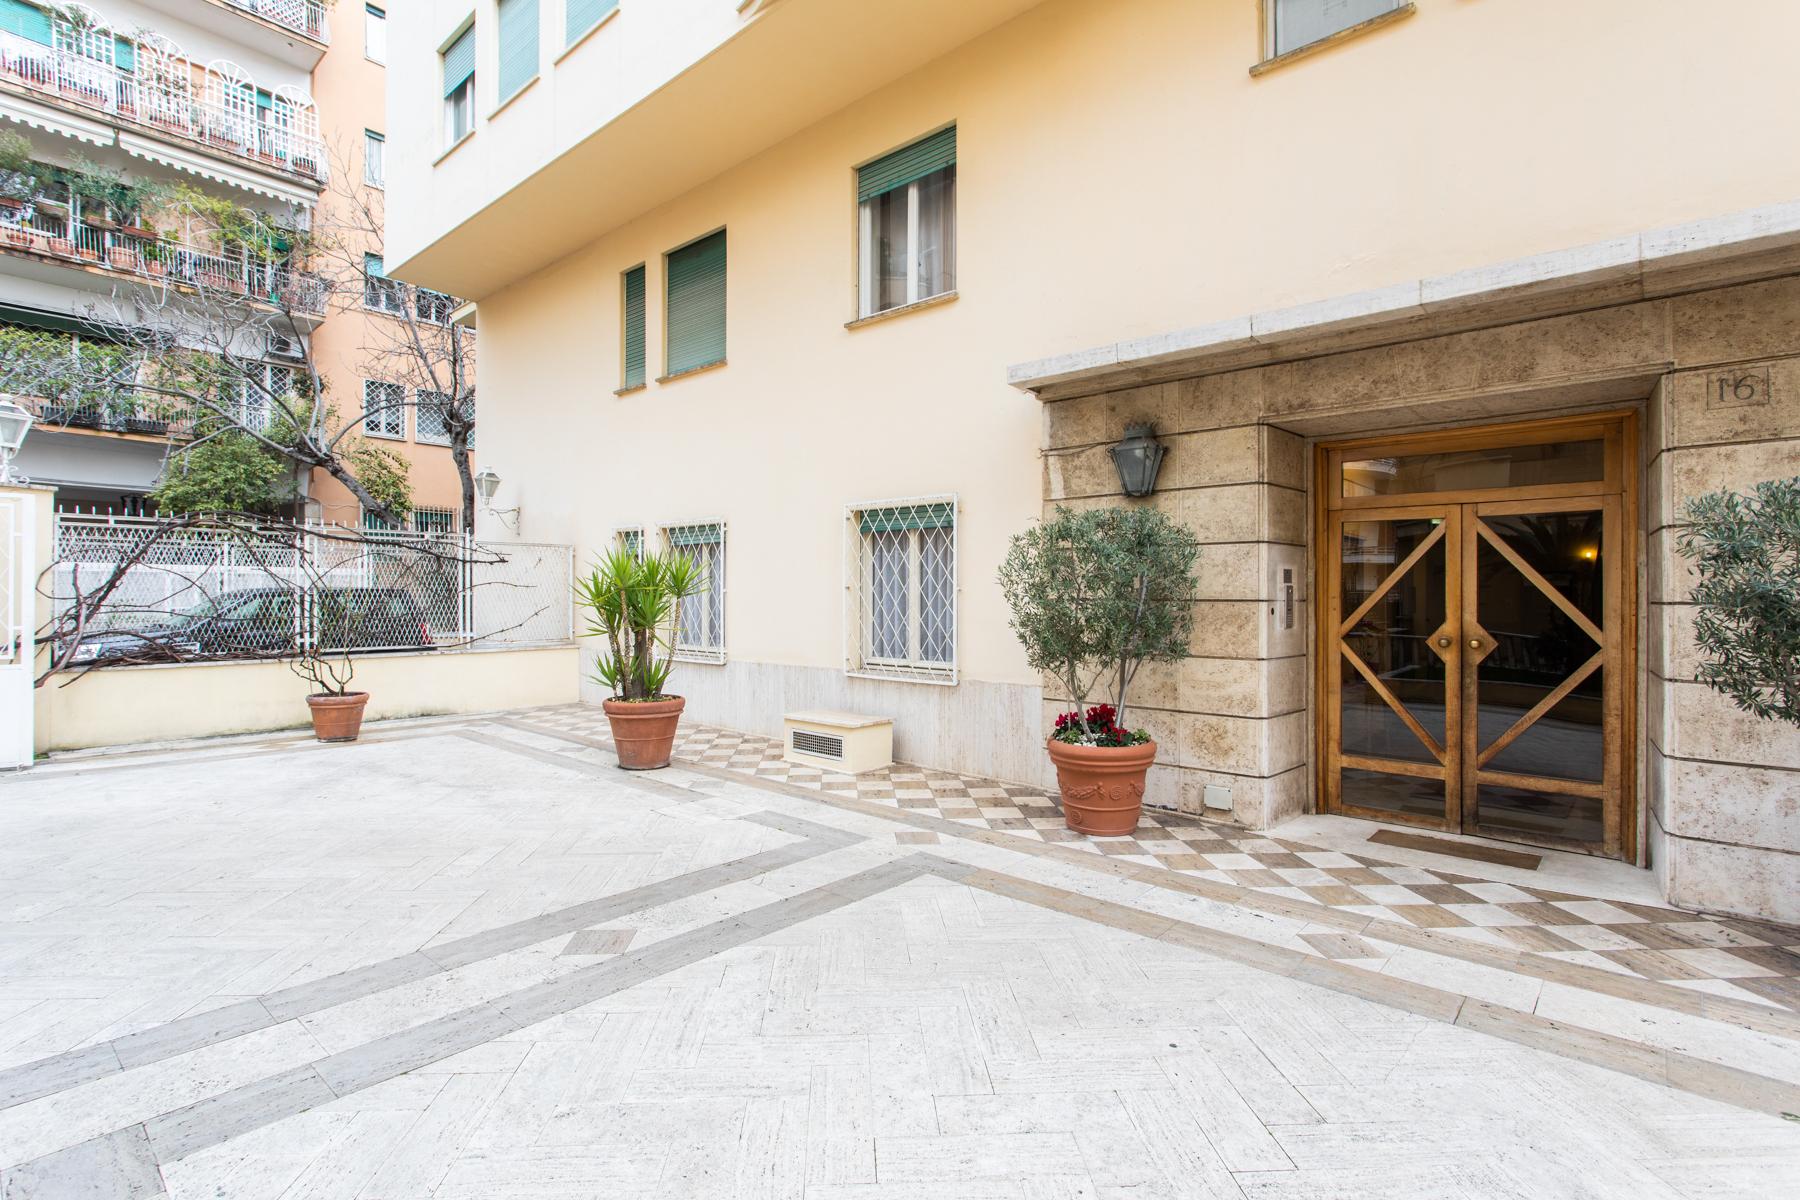 Appartamento in Affitto a Roma 02 Parioli / Pinciano / Flaminio: 2 locali, 40 mq